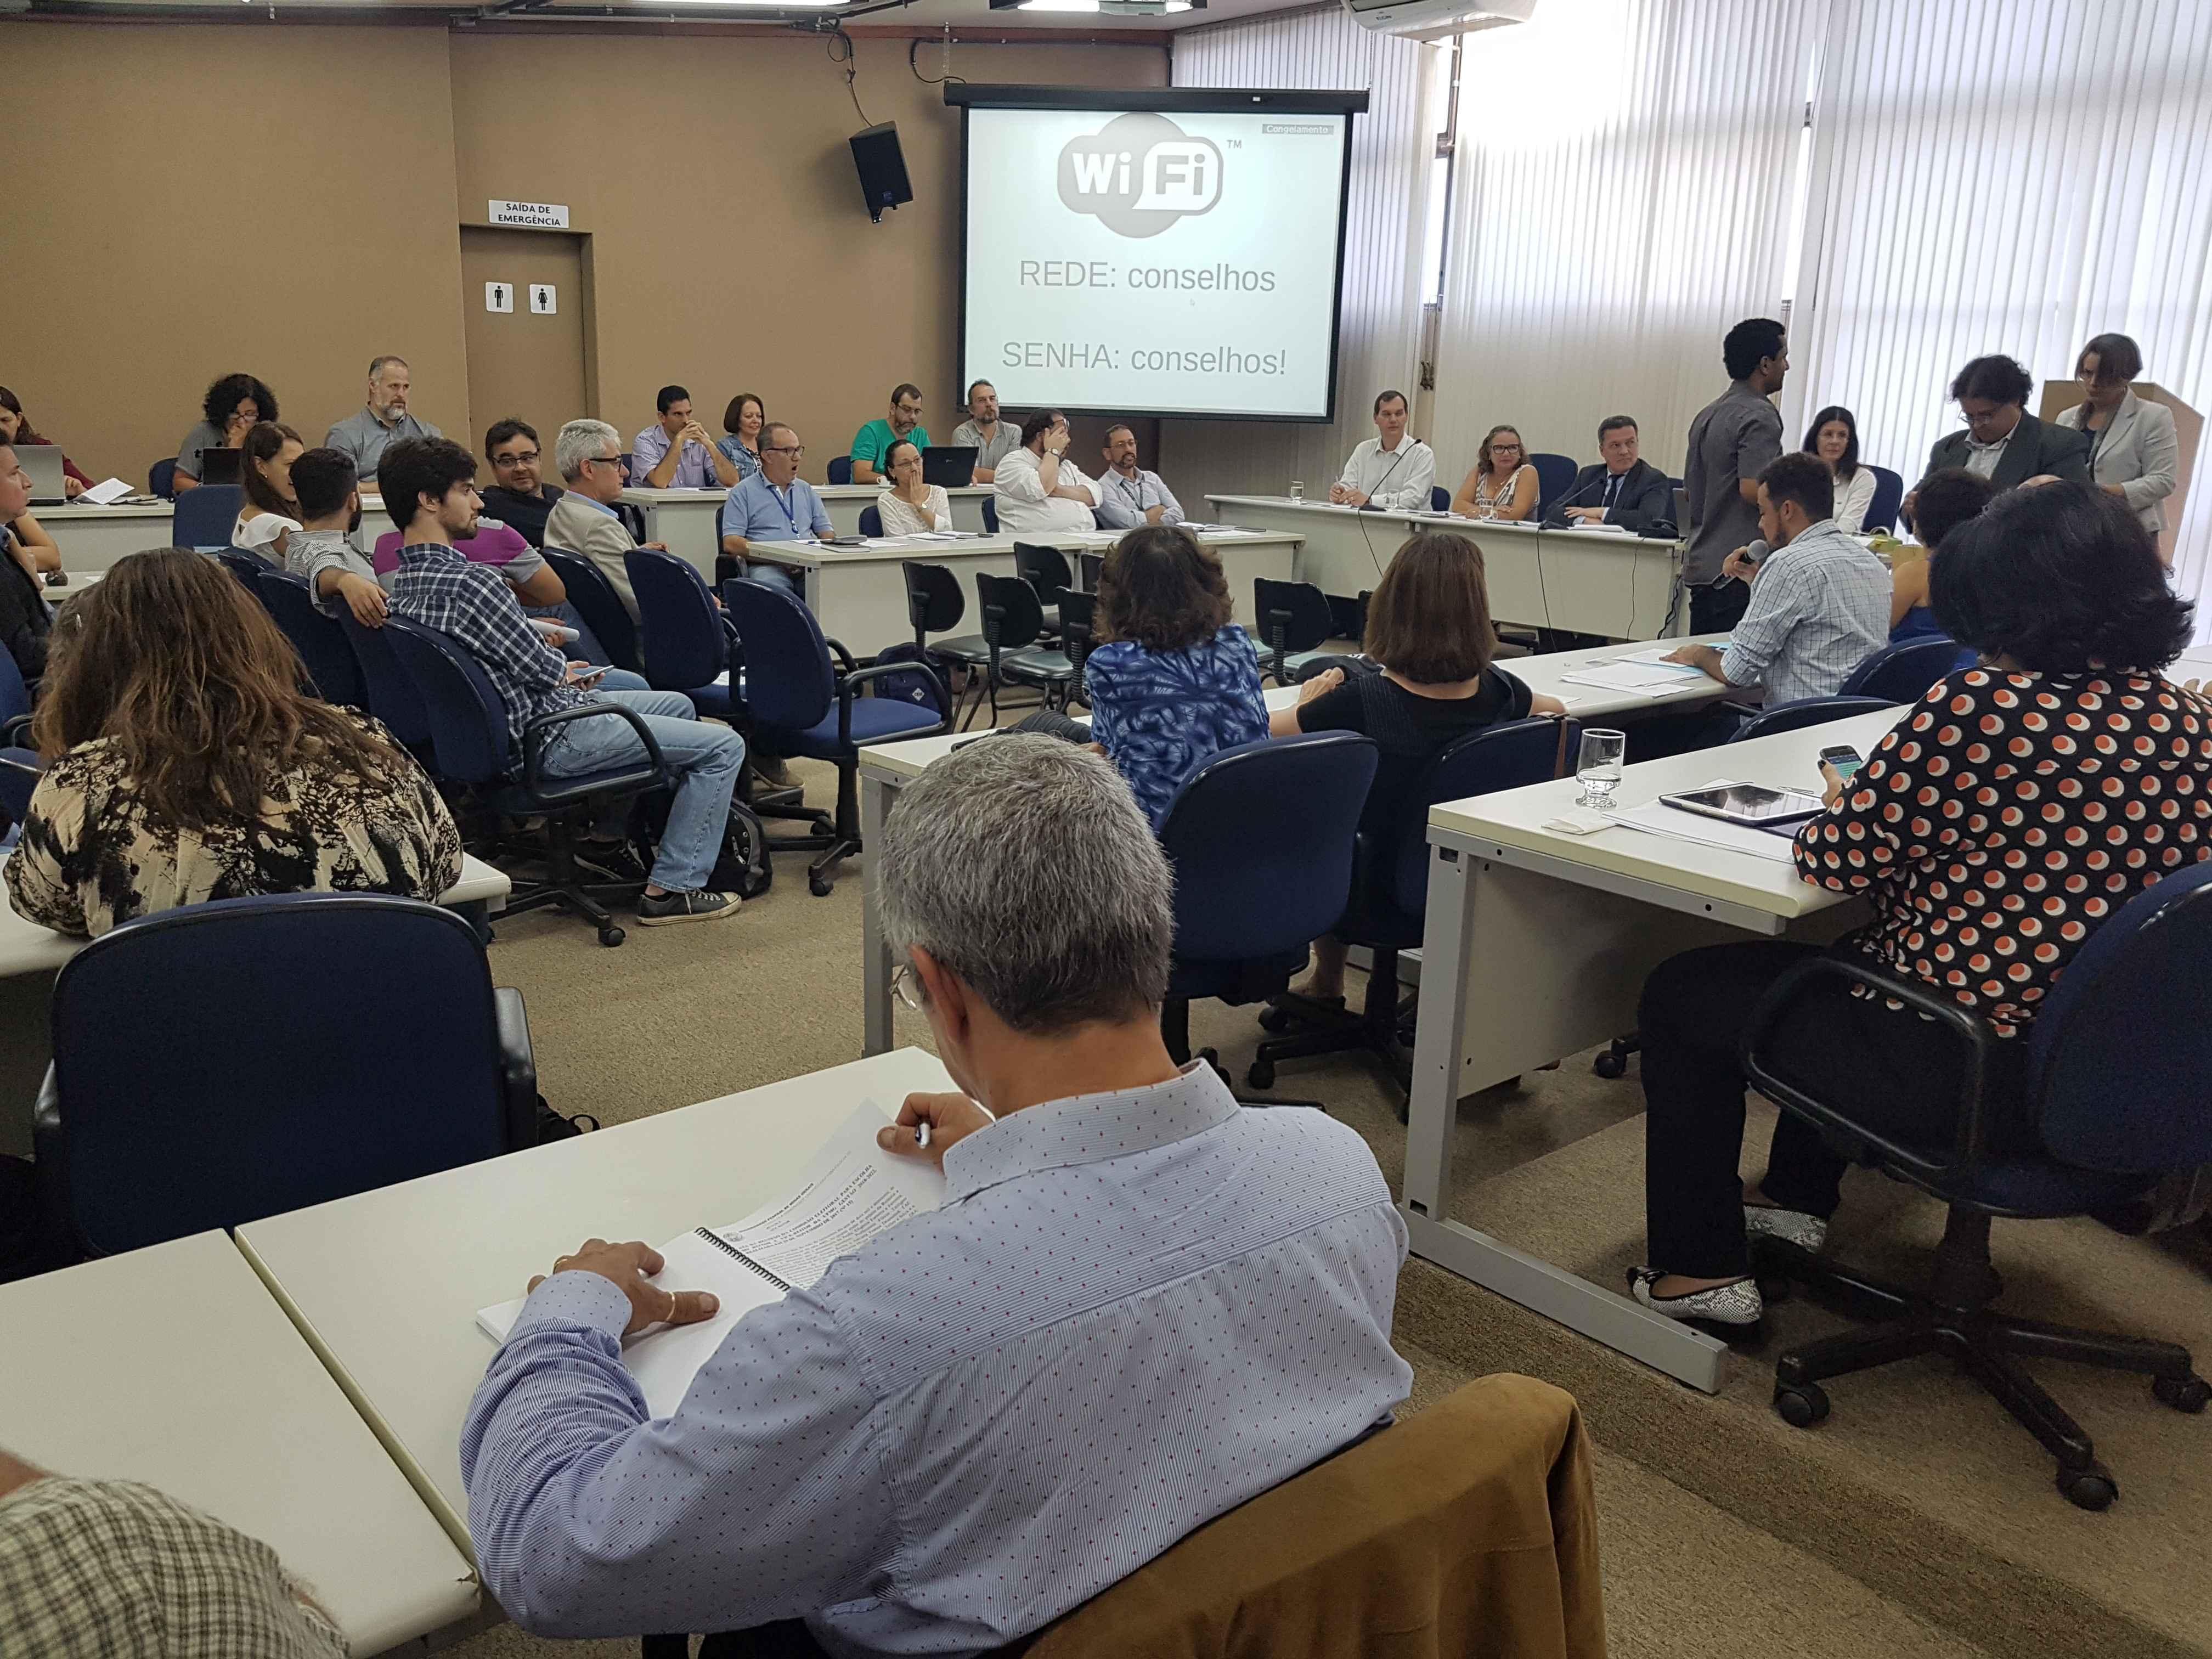 Integrantes do Colégio Eleitoral reuniram-se na Sala de Sessões do prédio da Reitoria